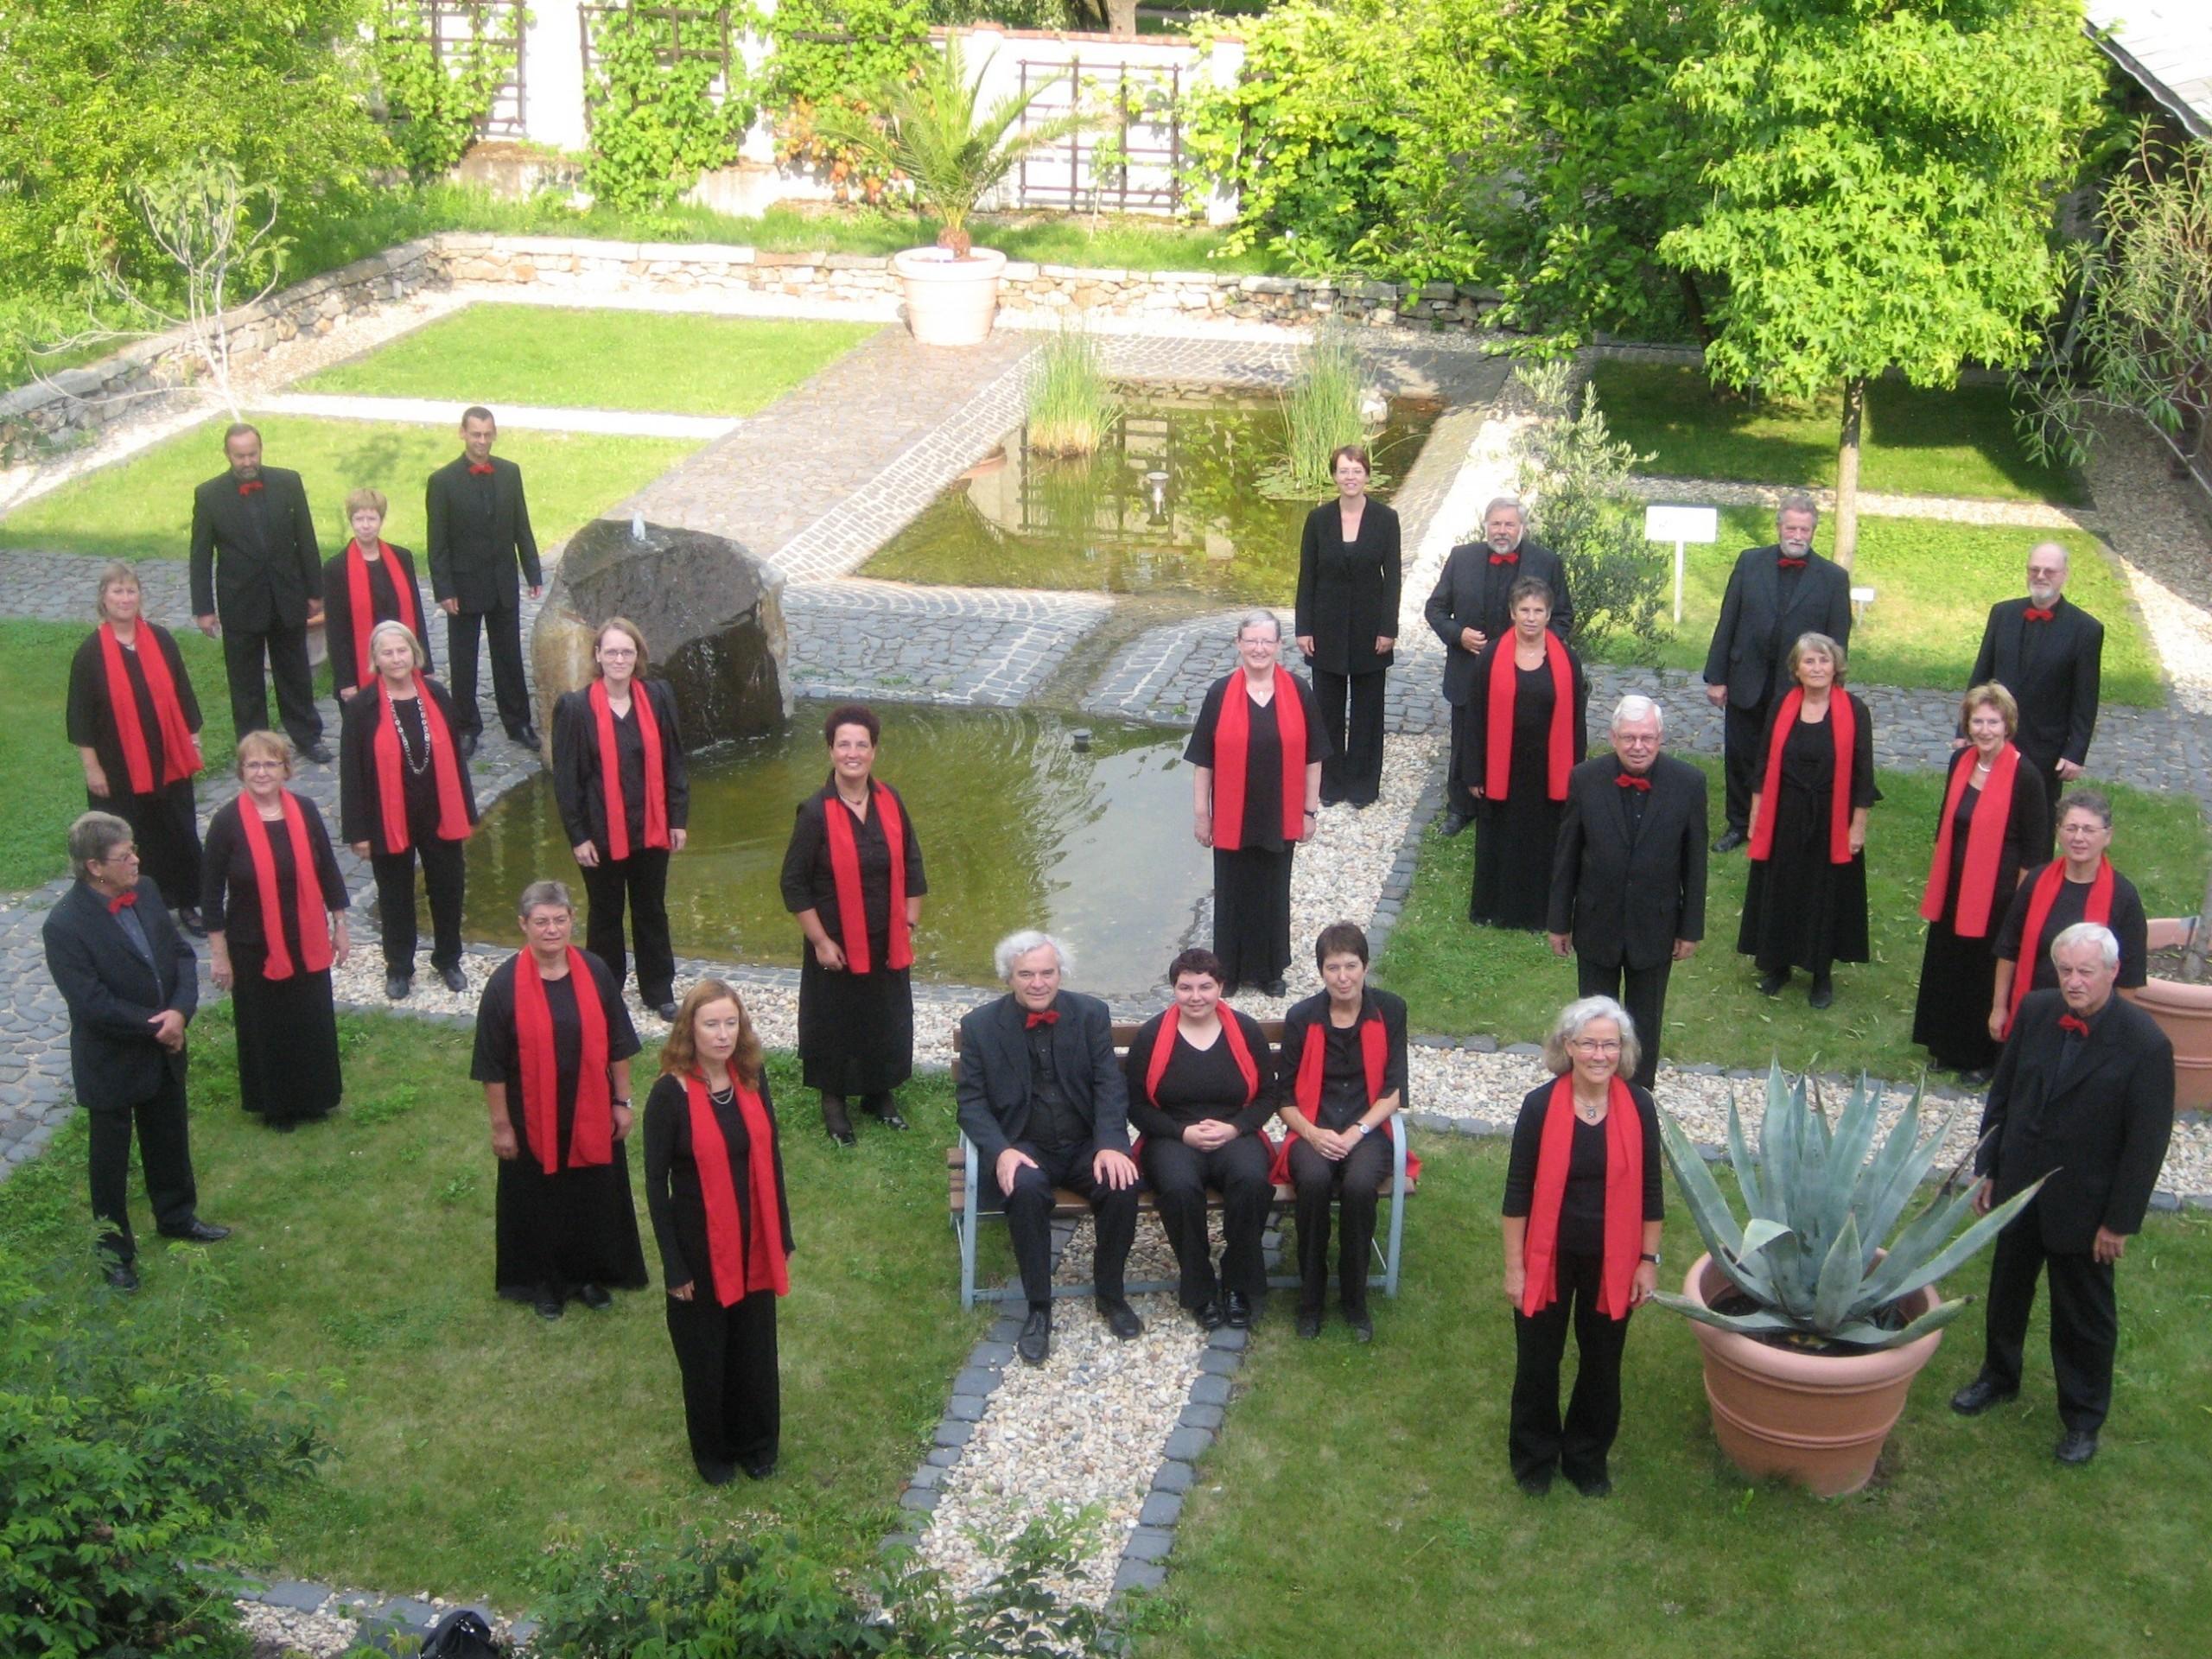 Chor im Garten der Bibelpflanzen in St. Marienthal